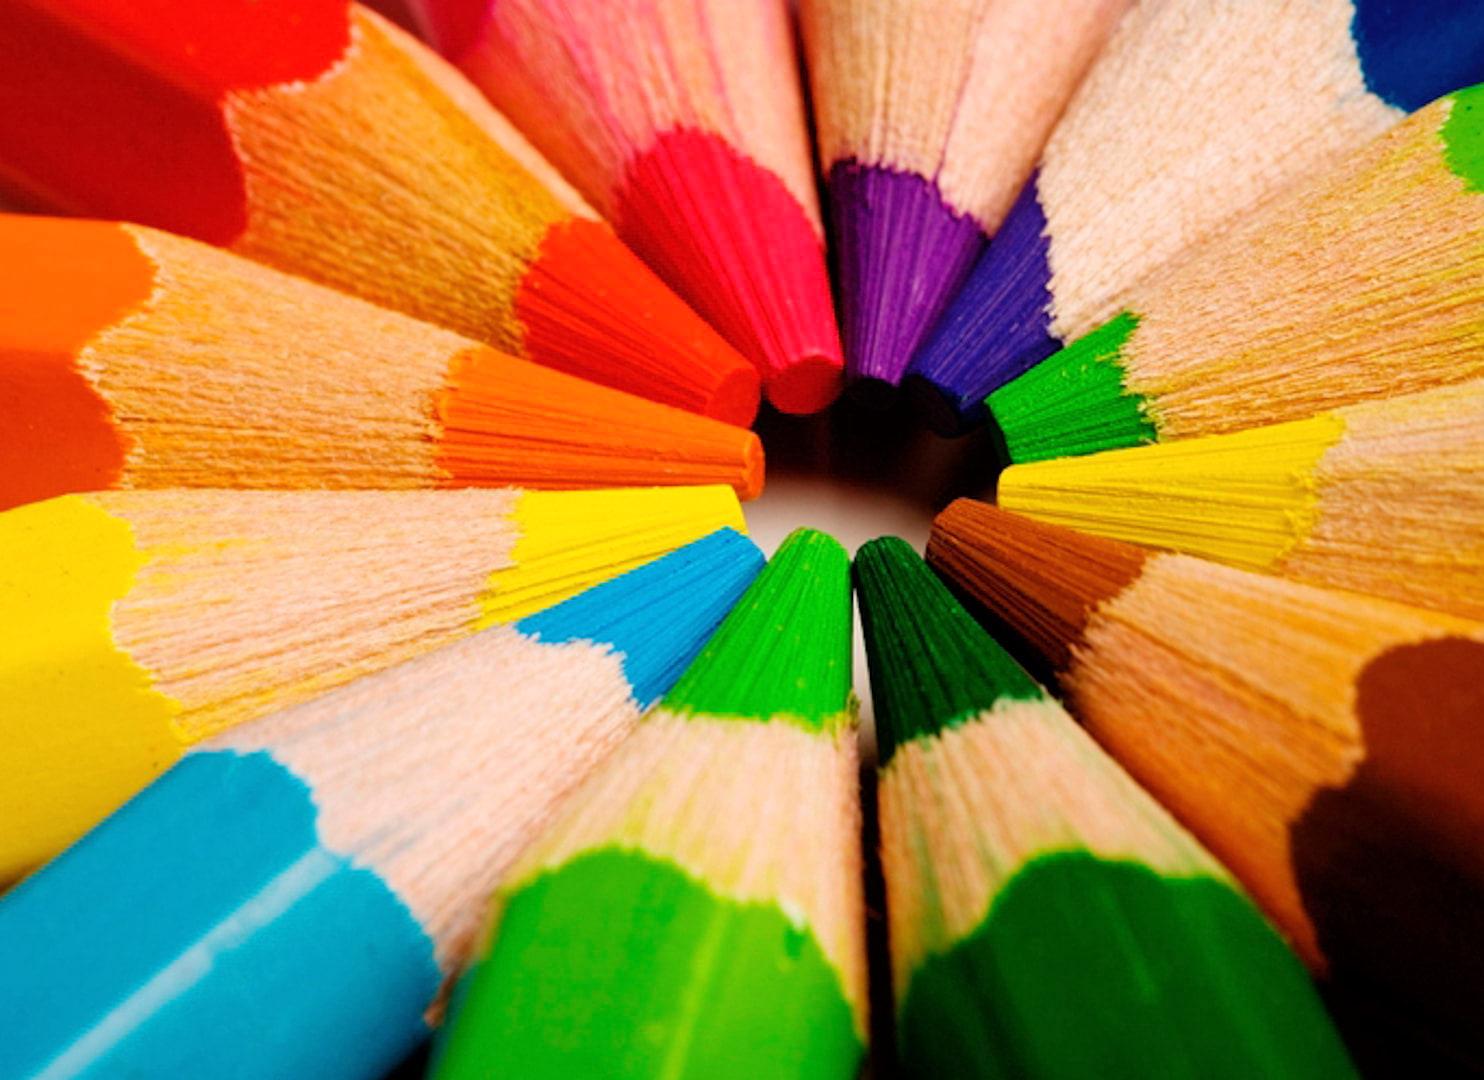 Тест точен в 97%, какой цвет задел ваш взгляд